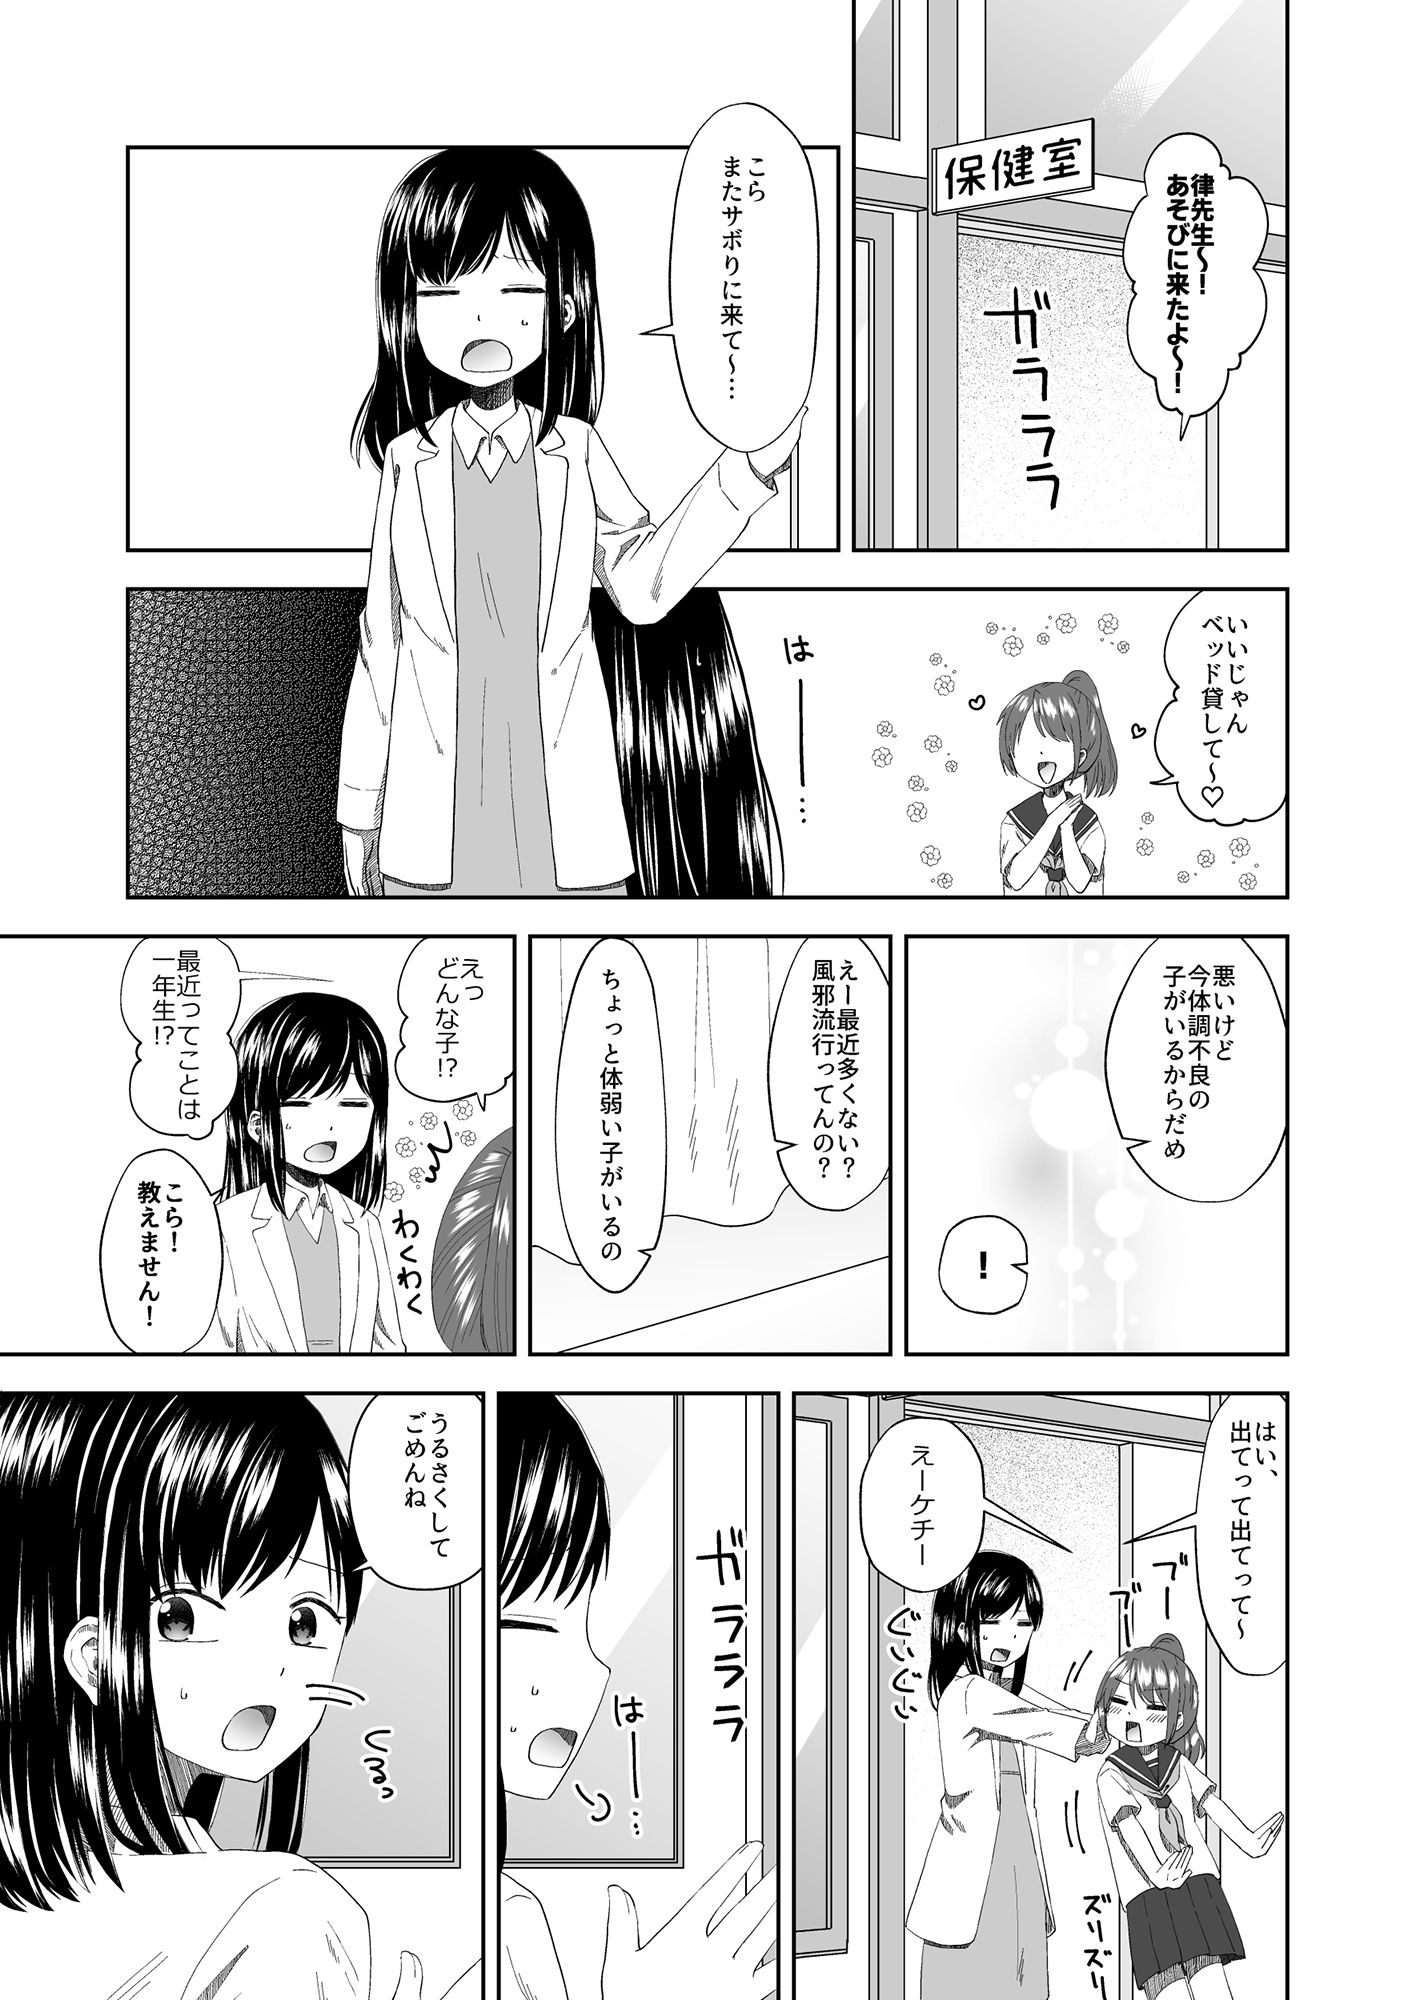 サンプル画像2:せんせいおねがい(偏頭痛) [d_194374]